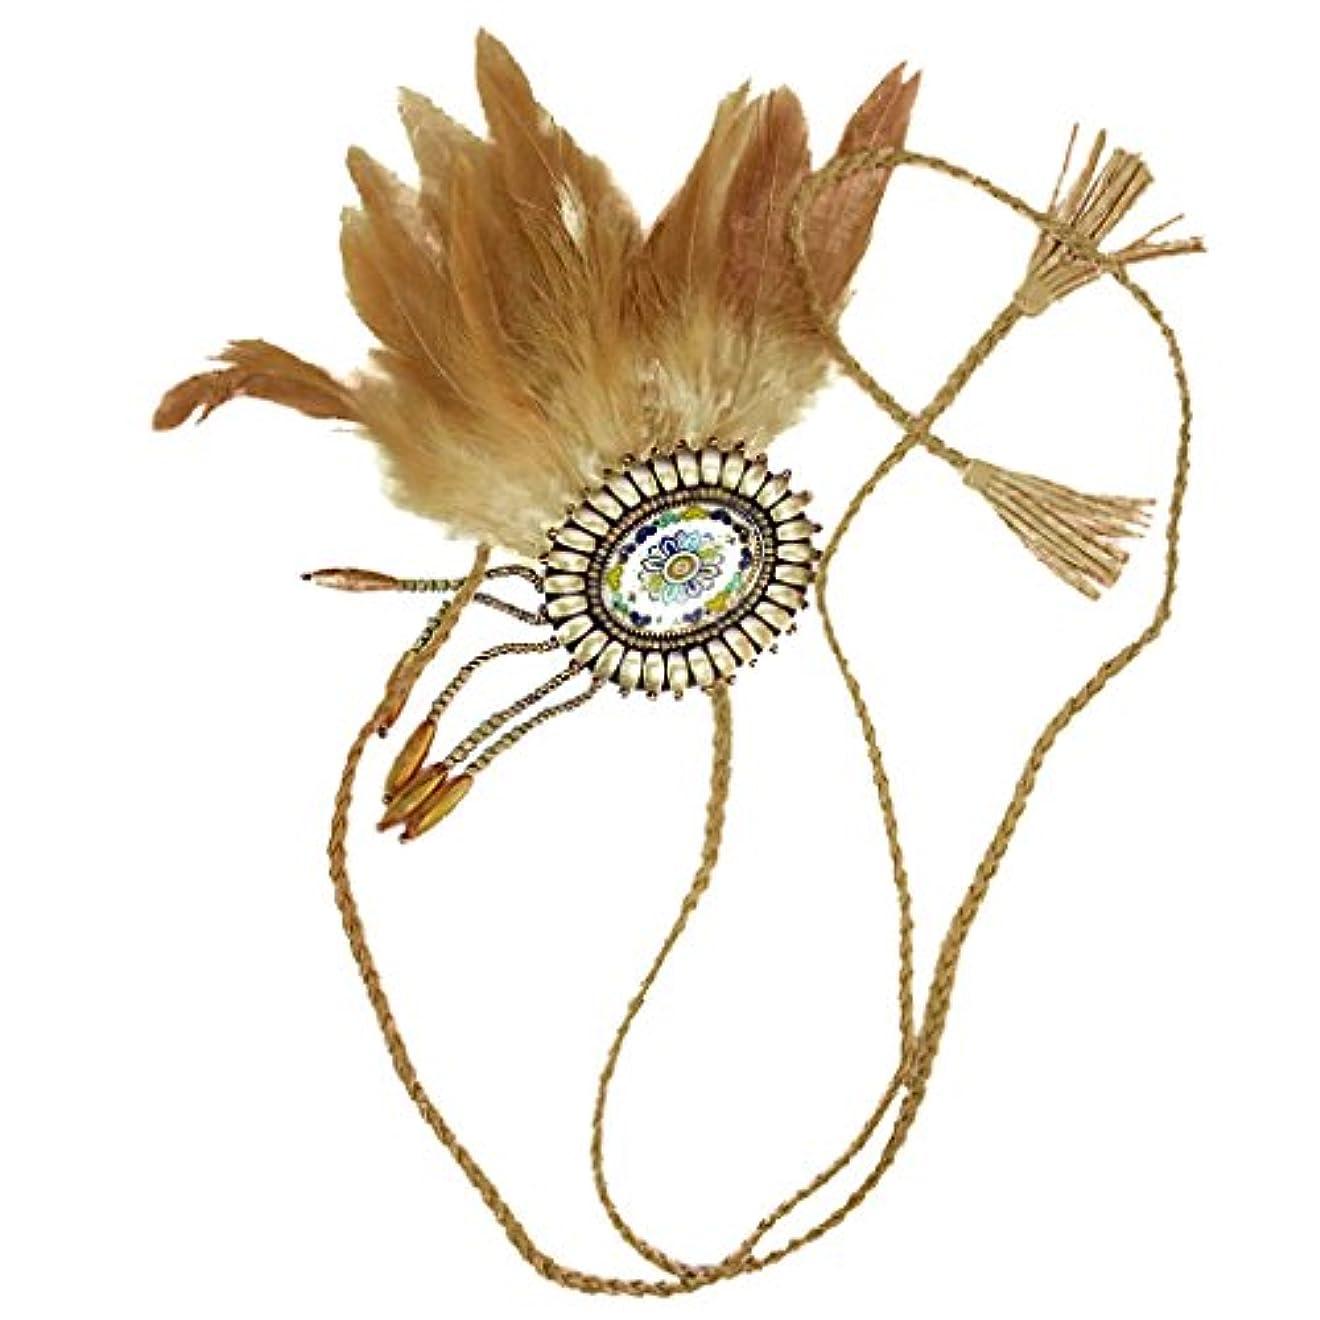 反発する未使用代理人Dovewill 復古 ボヘミアン ヒッピー インディアン 羽付き ヘッドバンド 編みロープ カクテル 宴会 ヘッドピース 全2色 - ブラウン